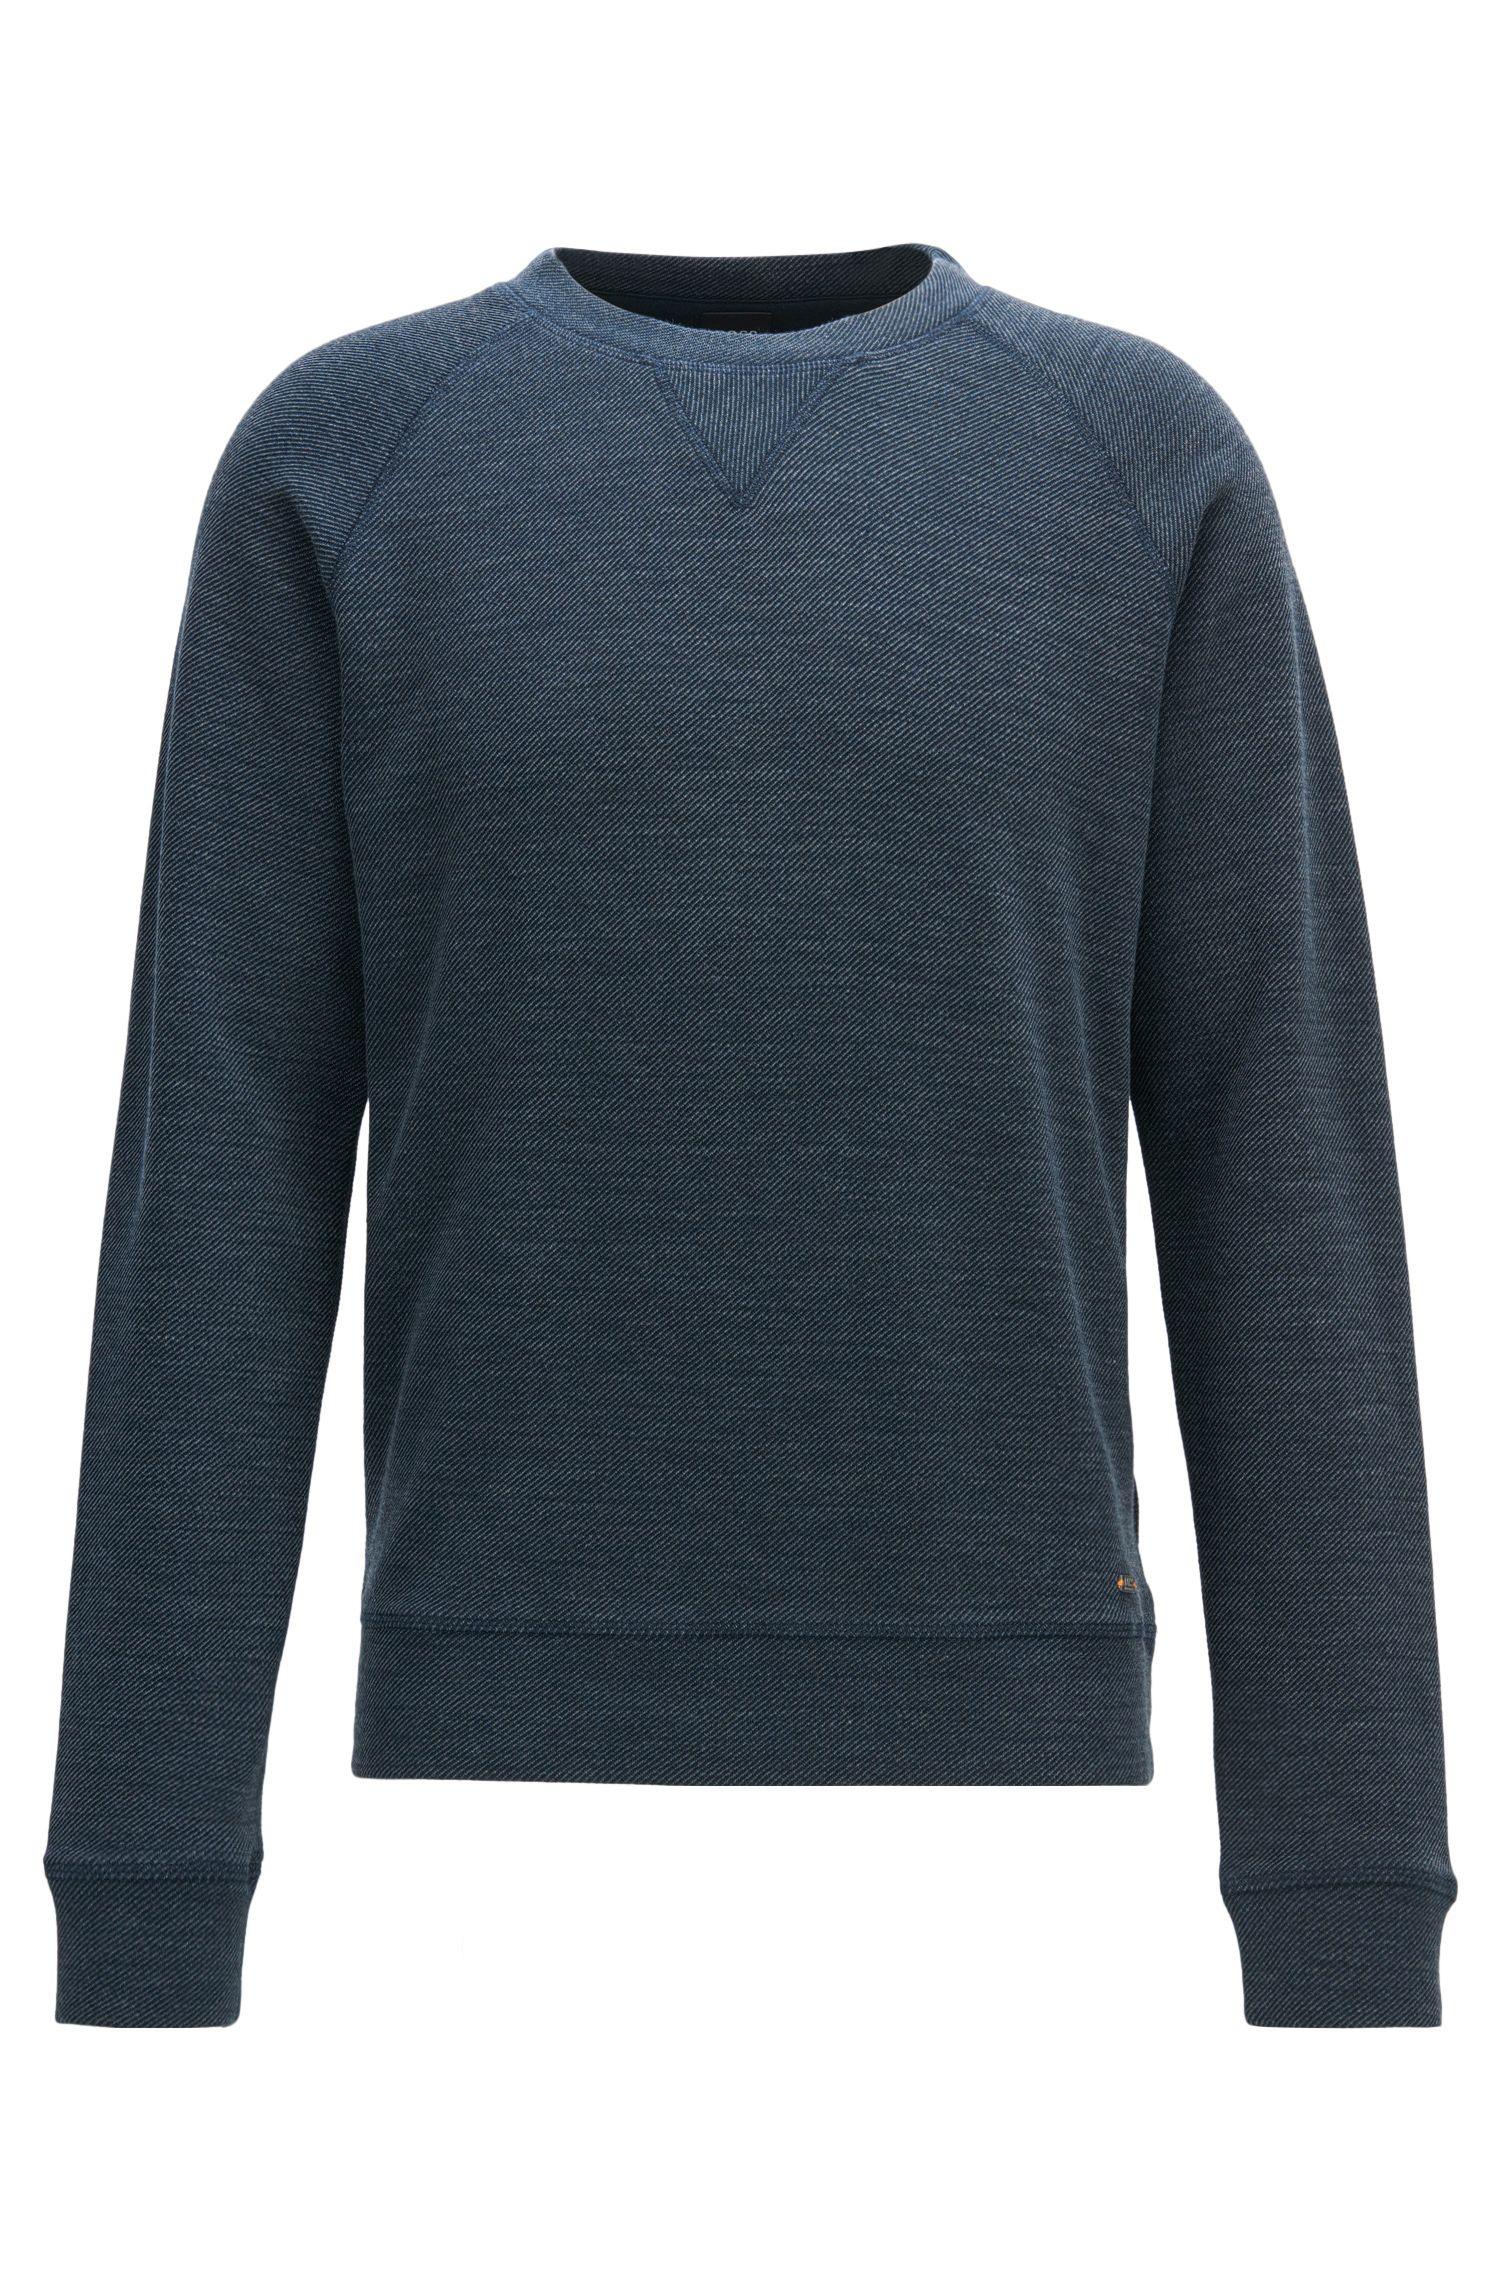 Sweater met ronde hals van een gestructureerde katoenmix